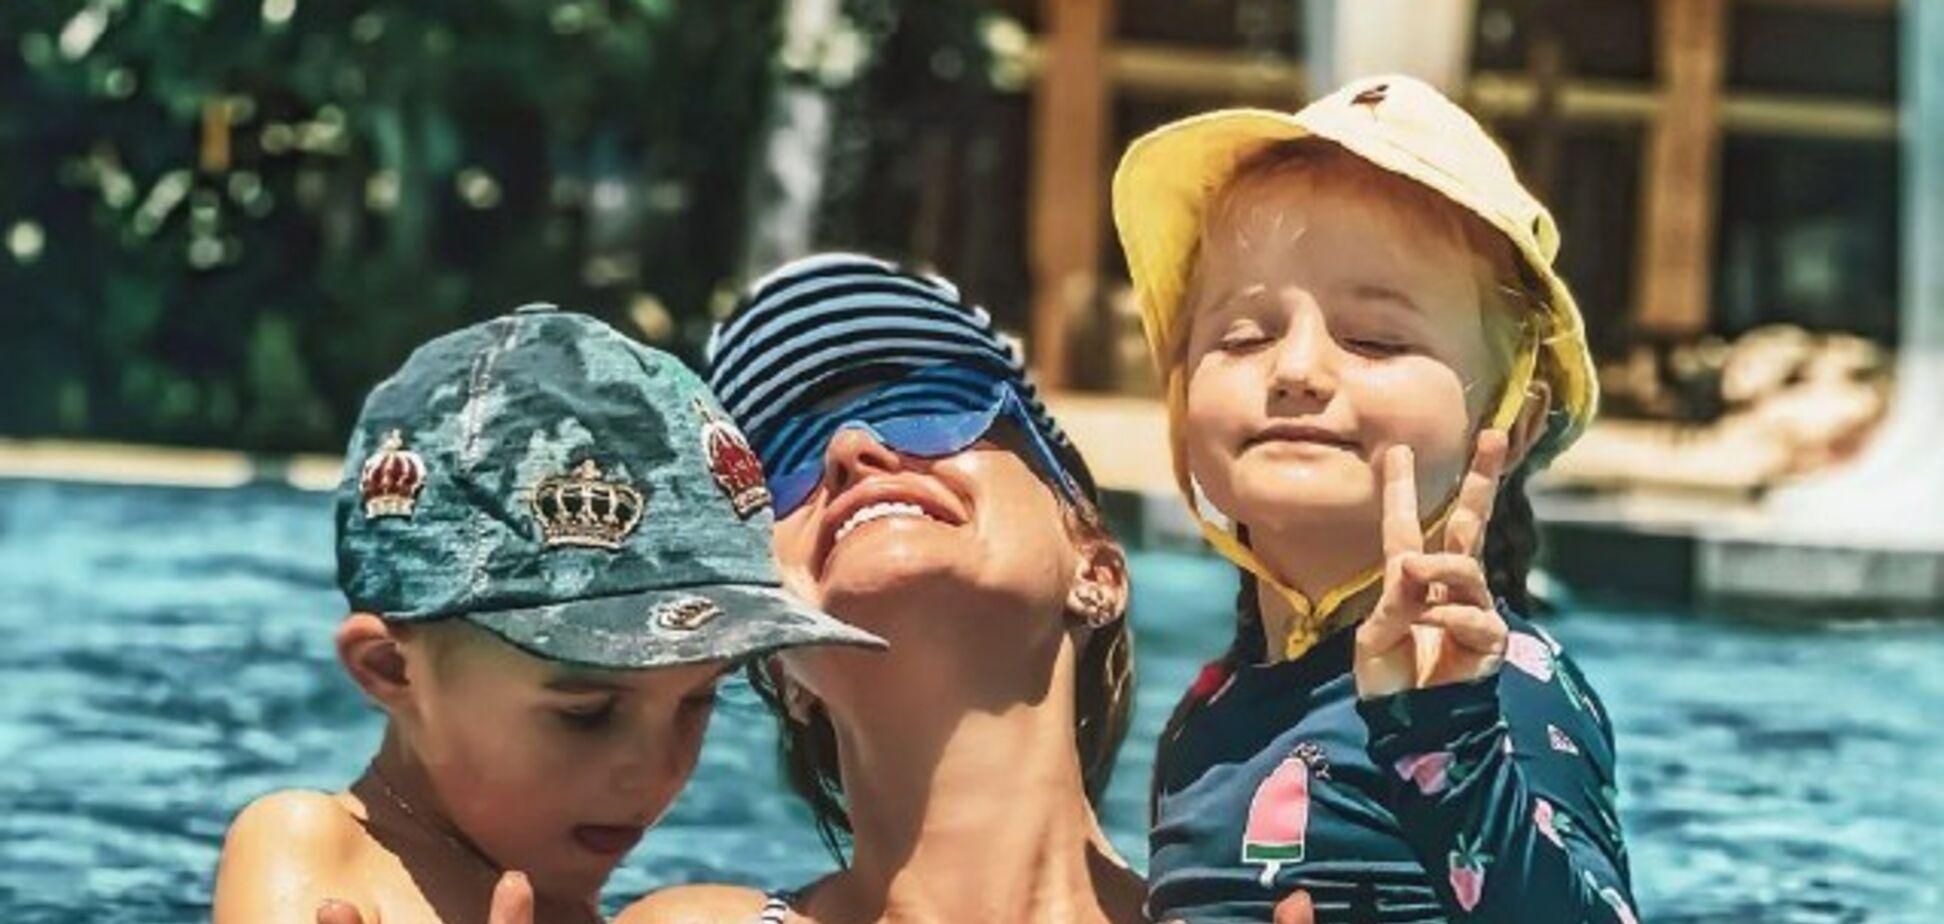 Осадчая, Комаров, Каминская и другие: где отдыхают украинские звезды зимой-2020